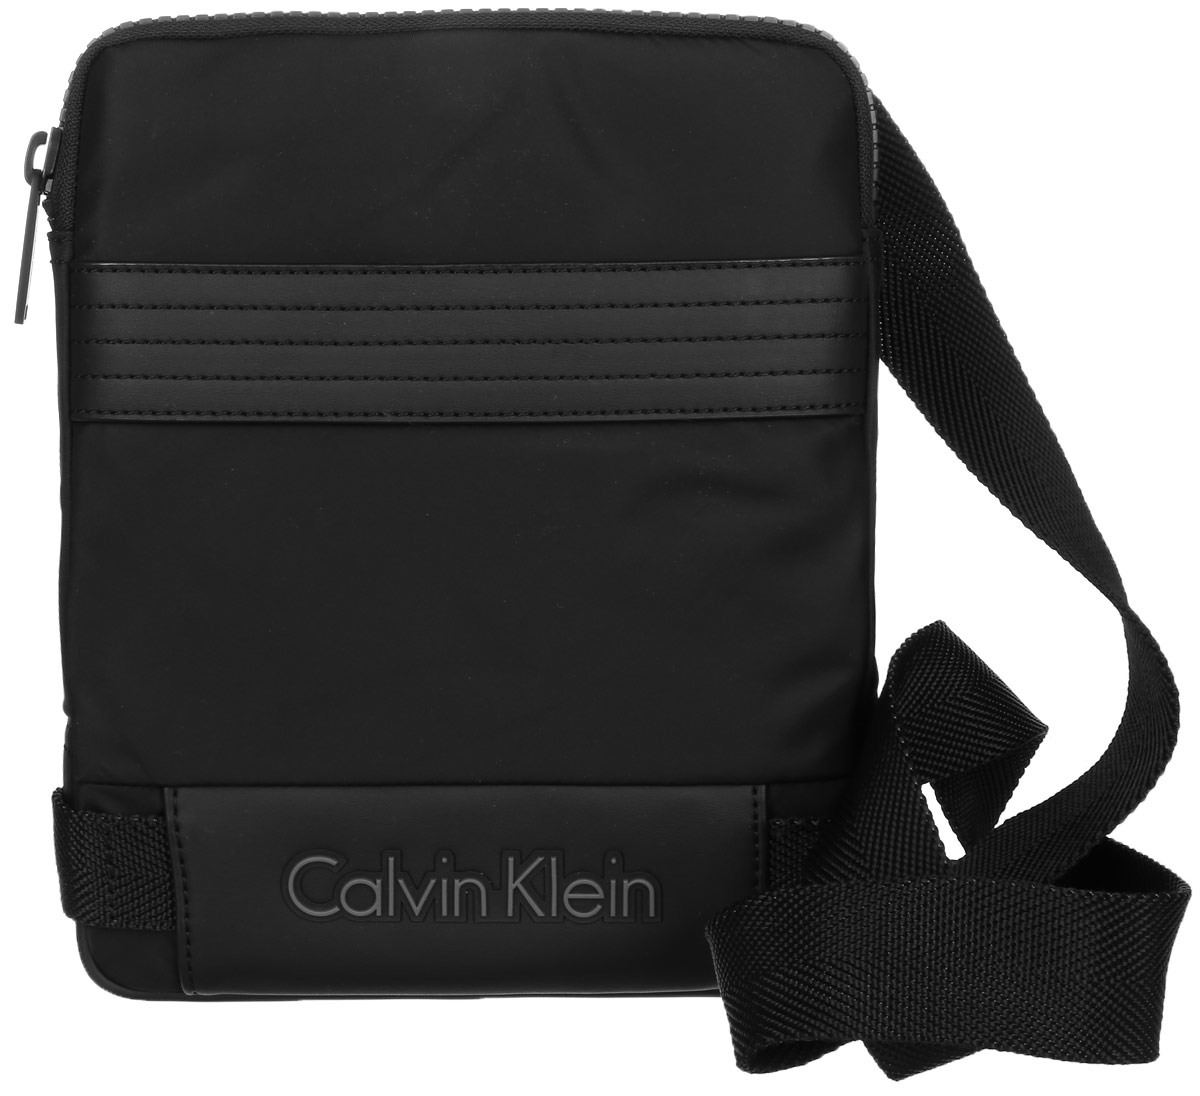 Сумка мужская Calvin Klein Jeans, цвет: черный. K50K502037_001S76245Стильная сумка Calvin Klein Jeans выполнена из полиамида и нейлона. Изделие содержит одно большое отделение, которое закрывается на застежку-молнию. Внутри сумки размещены один кармашек на застежке-молнии и один накладной открытый. Спереди сумка так же дополнена открытым накладным карманом. Сумка оснащена плечевым ремнем регулируемой длины. Оформлена модель надписью с названием бренда. В комплекте с изделием поставляется чехол для хранения.